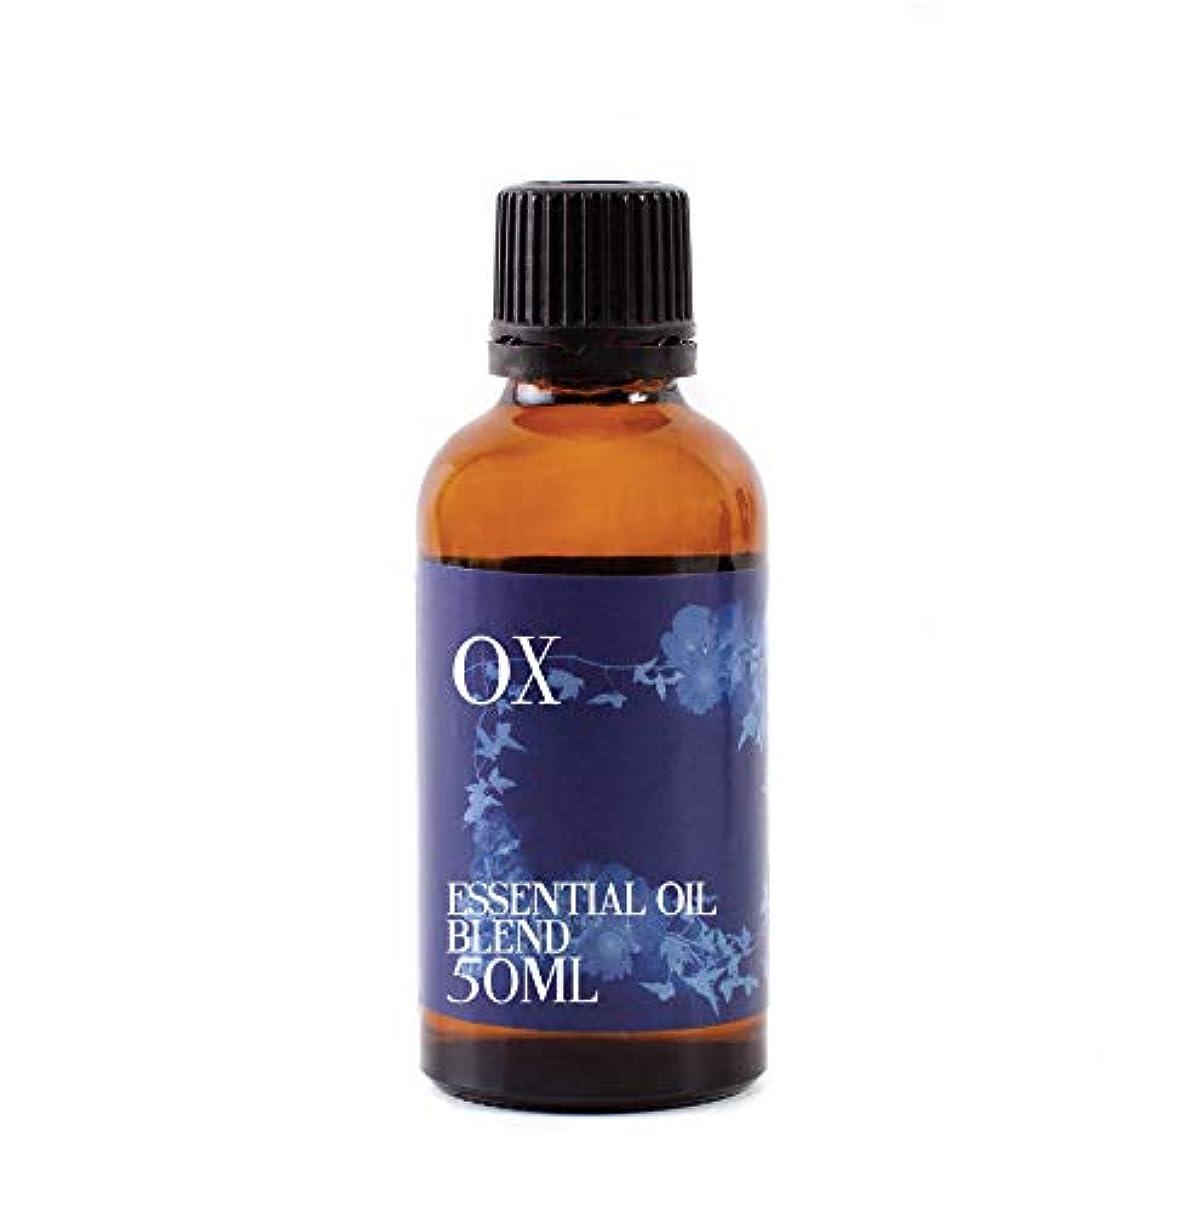 発信郵便屋さんパントリーMystix London | Ox | Chinese Zodiac Essential Oil Blend 50ml